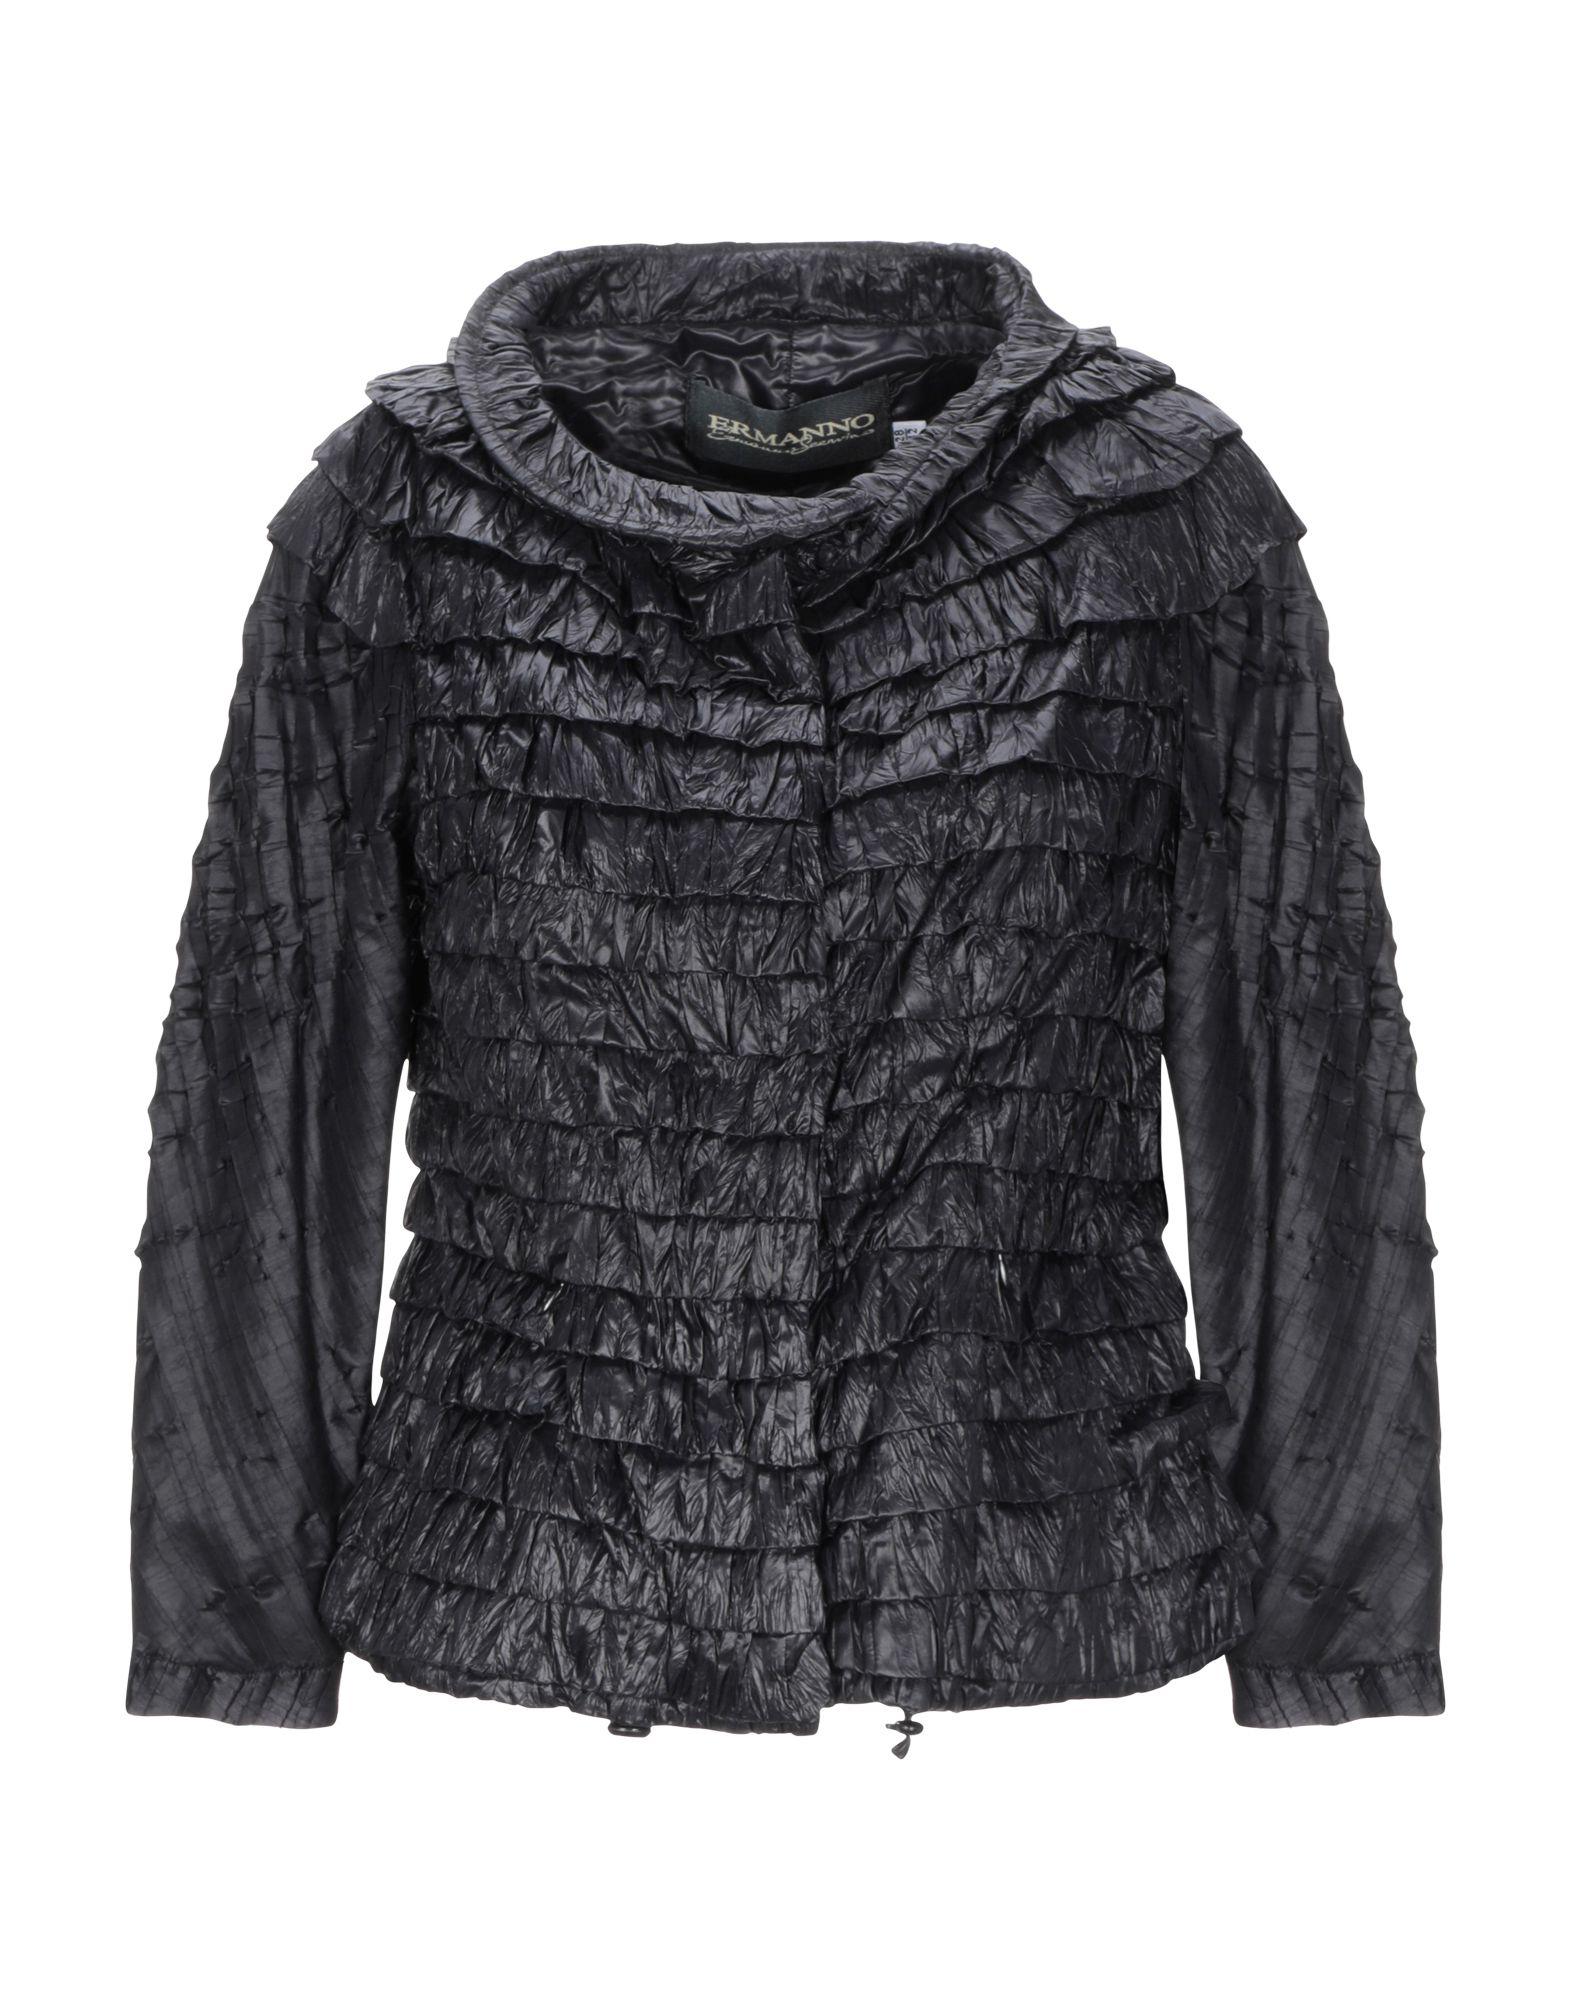 ERMANNO DI ERMANNO SCERVINO Куртка свободная куртка с застежкой на кнопки ermanno by ermanno scervino